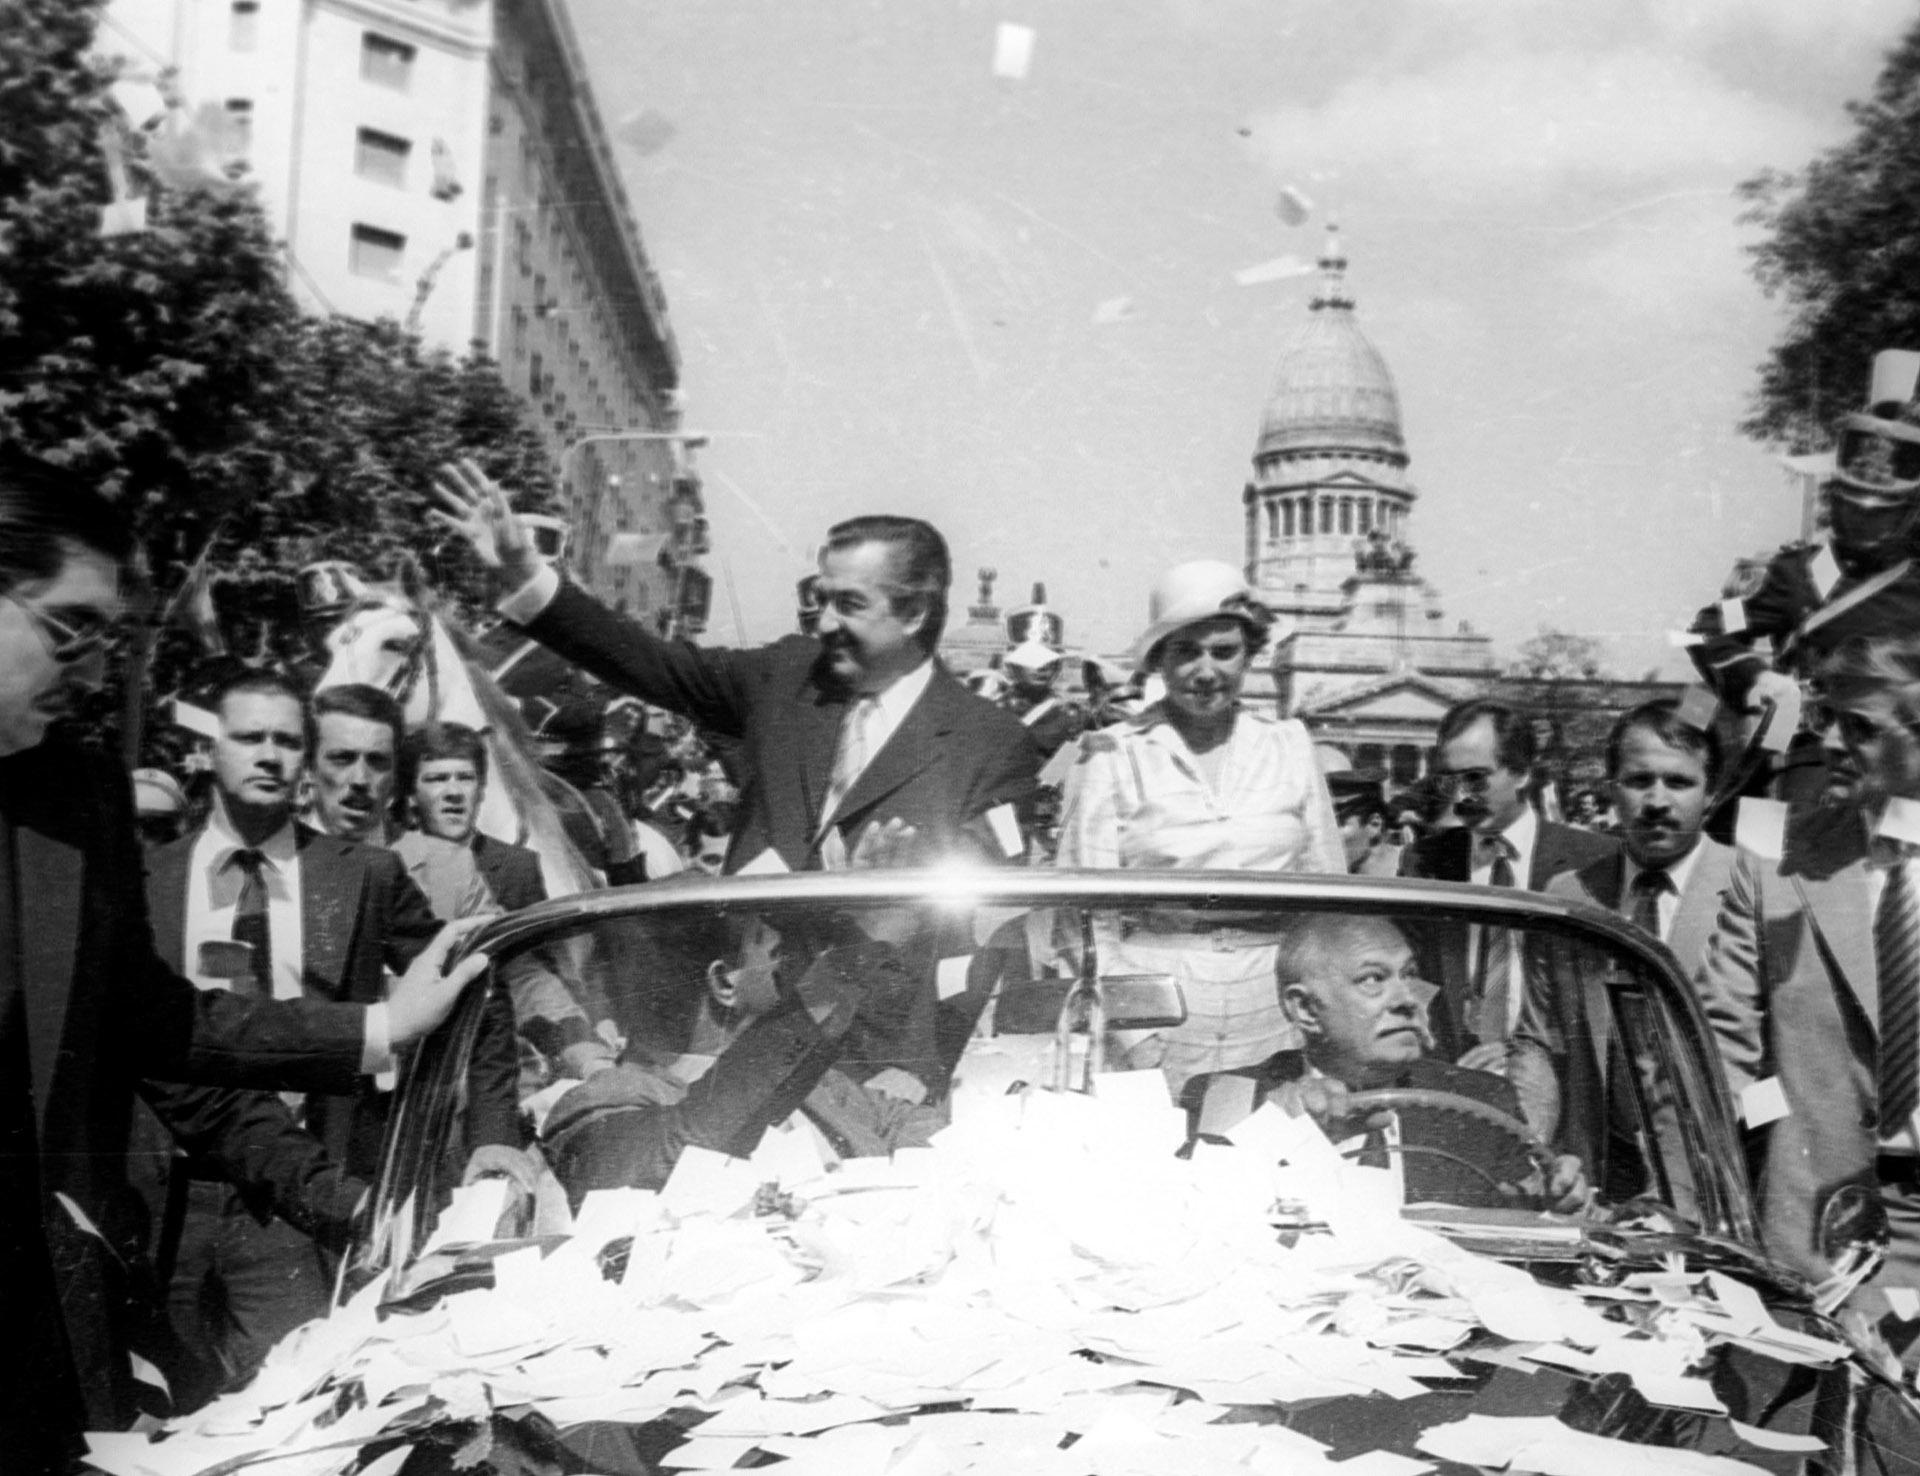 1983. Asunción Presidencial de Raúl Alfonsín (NA)